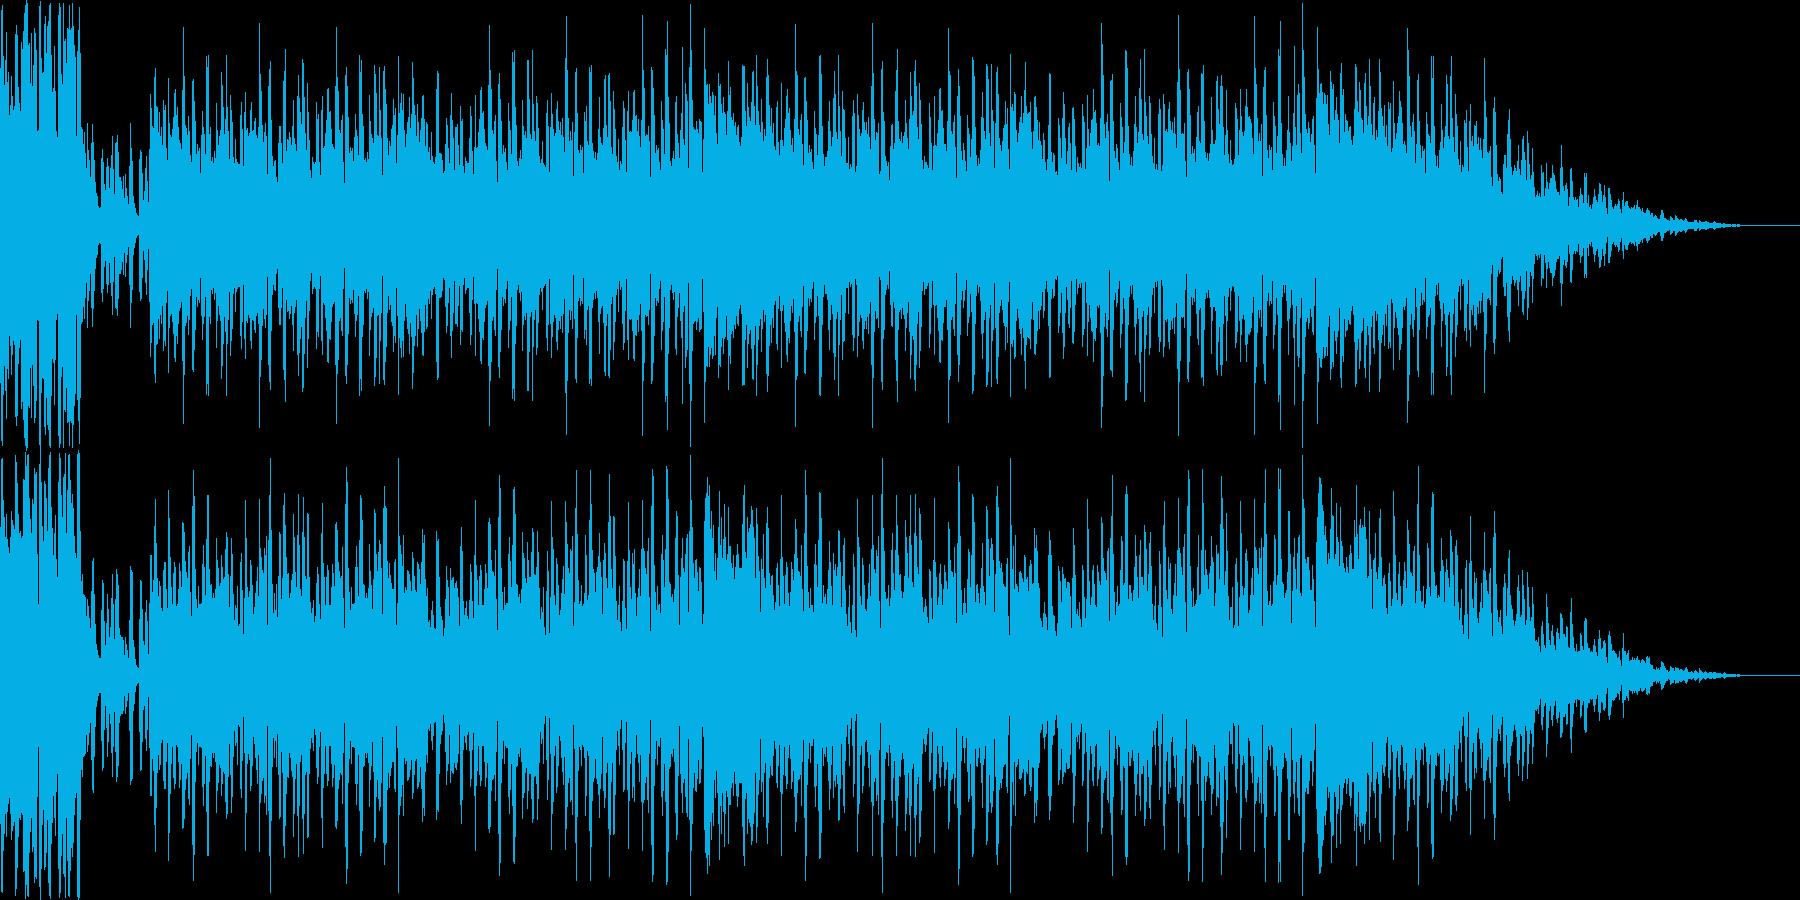 ゲームクリアのかわいいファンファーレの再生済みの波形